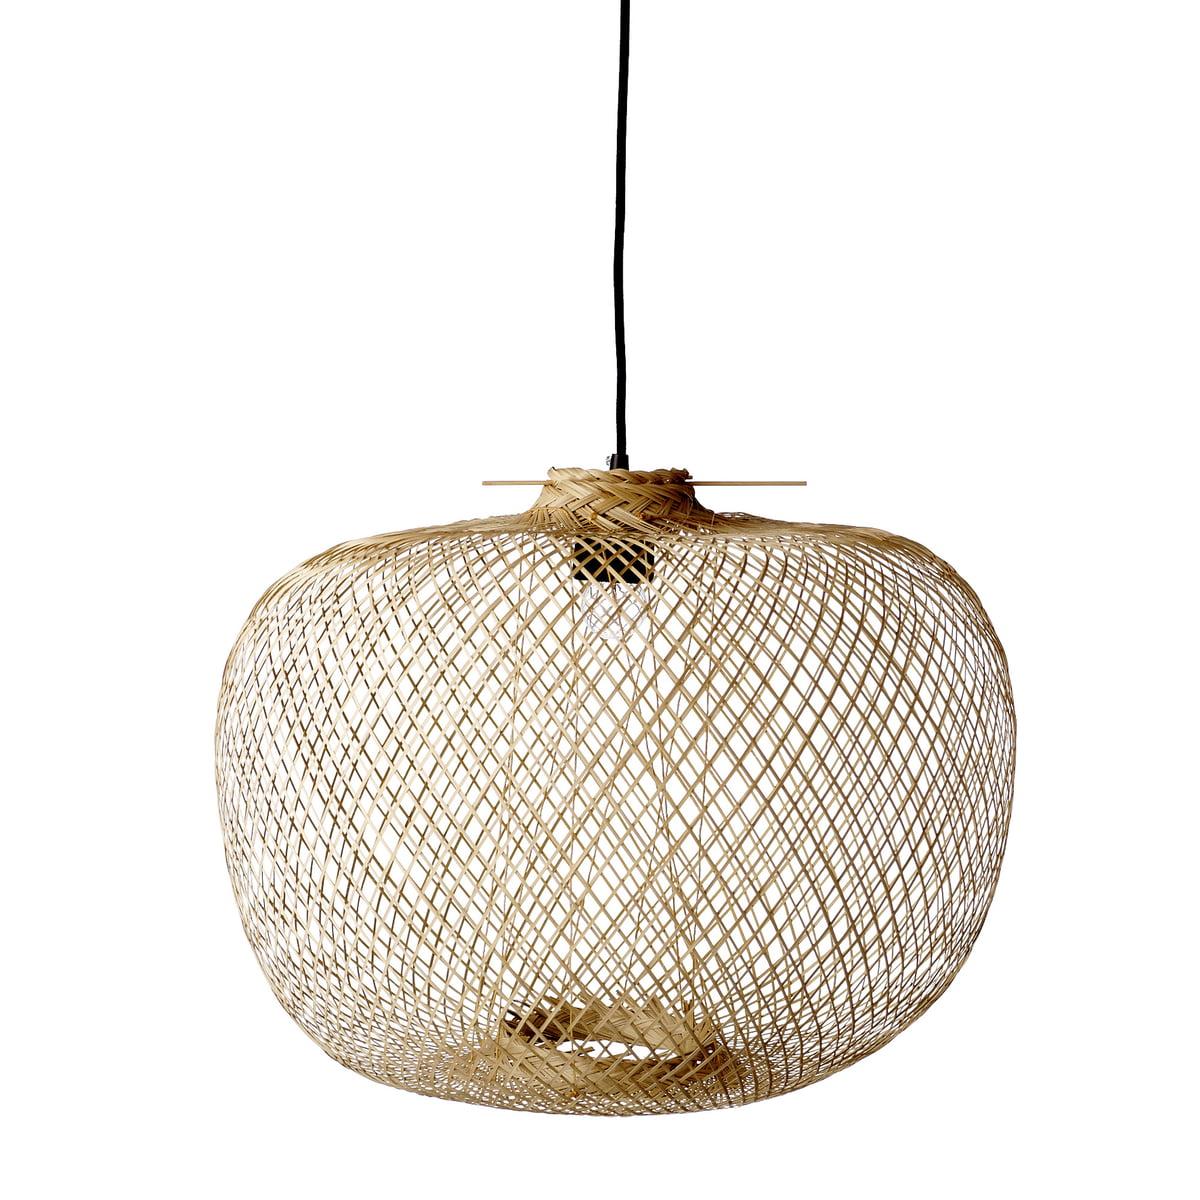 Bloomingville - Bambus Pendelleuchte, Ø 42 x H 30 cm